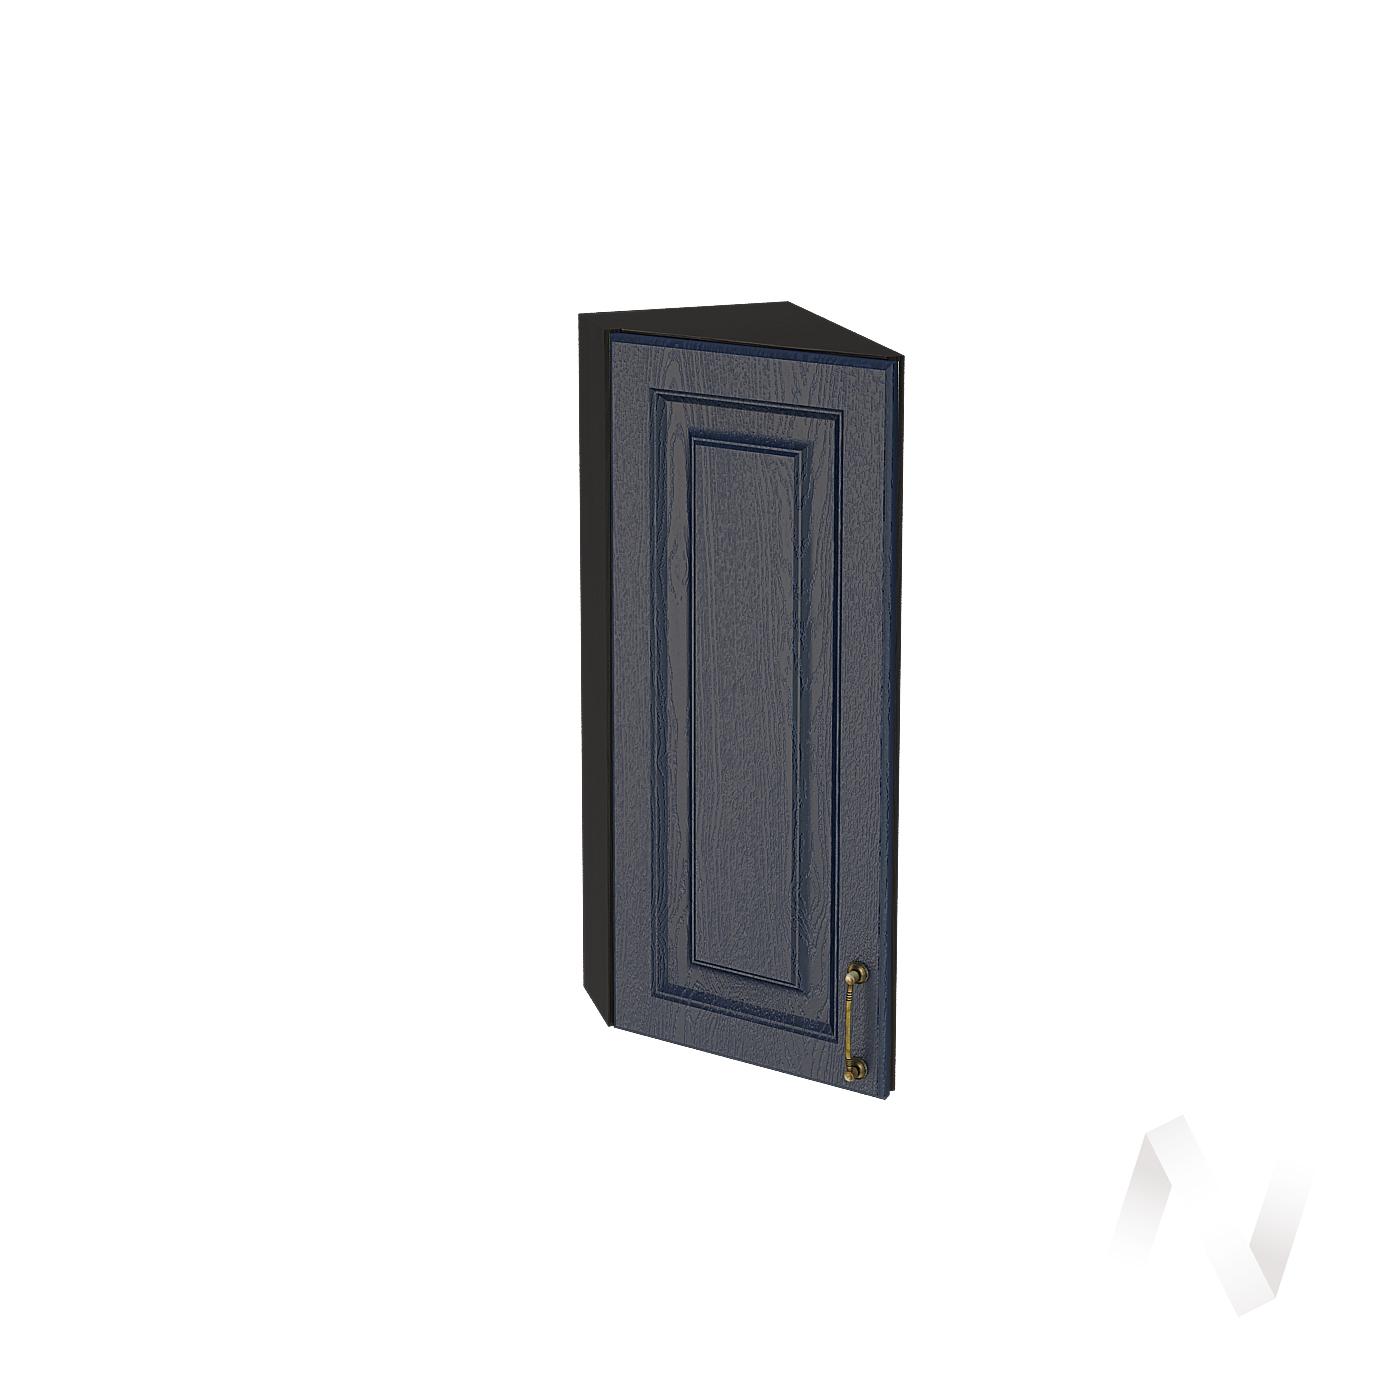 """Кухня """"Ницца"""": Шкаф верхний торцевой 224, ШВТ 224 (Дуб чернильный/корпус венге)"""